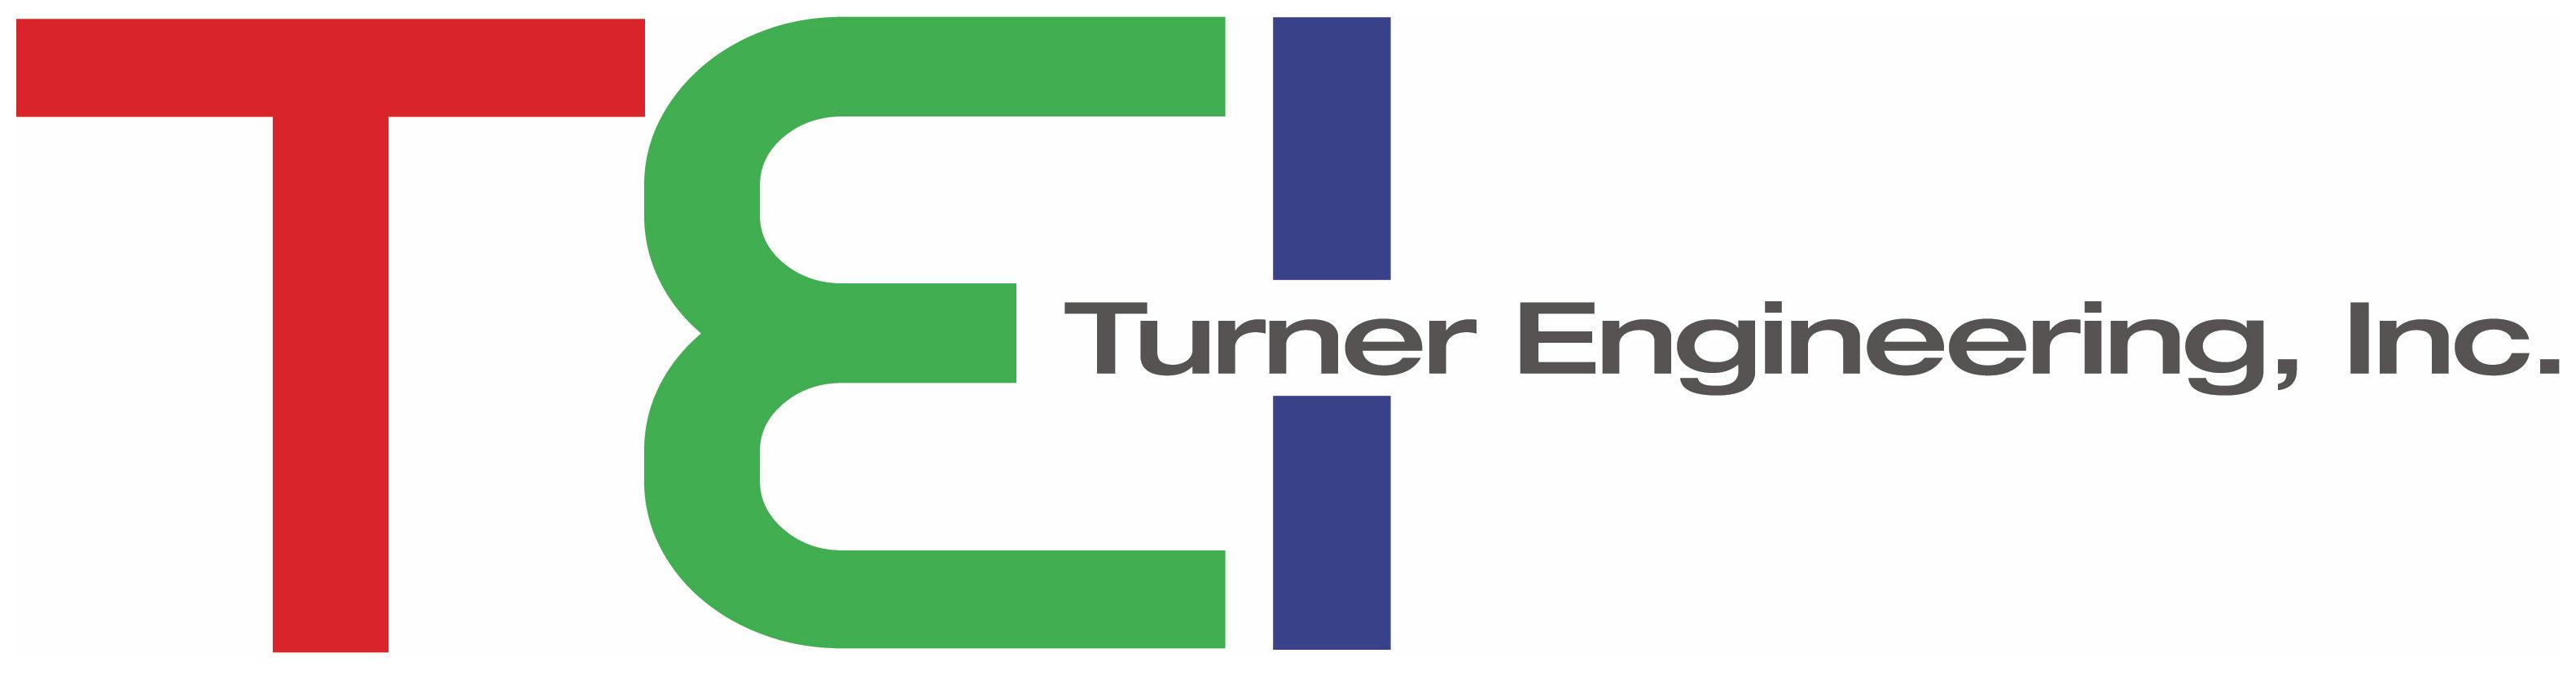 Turner Engineering